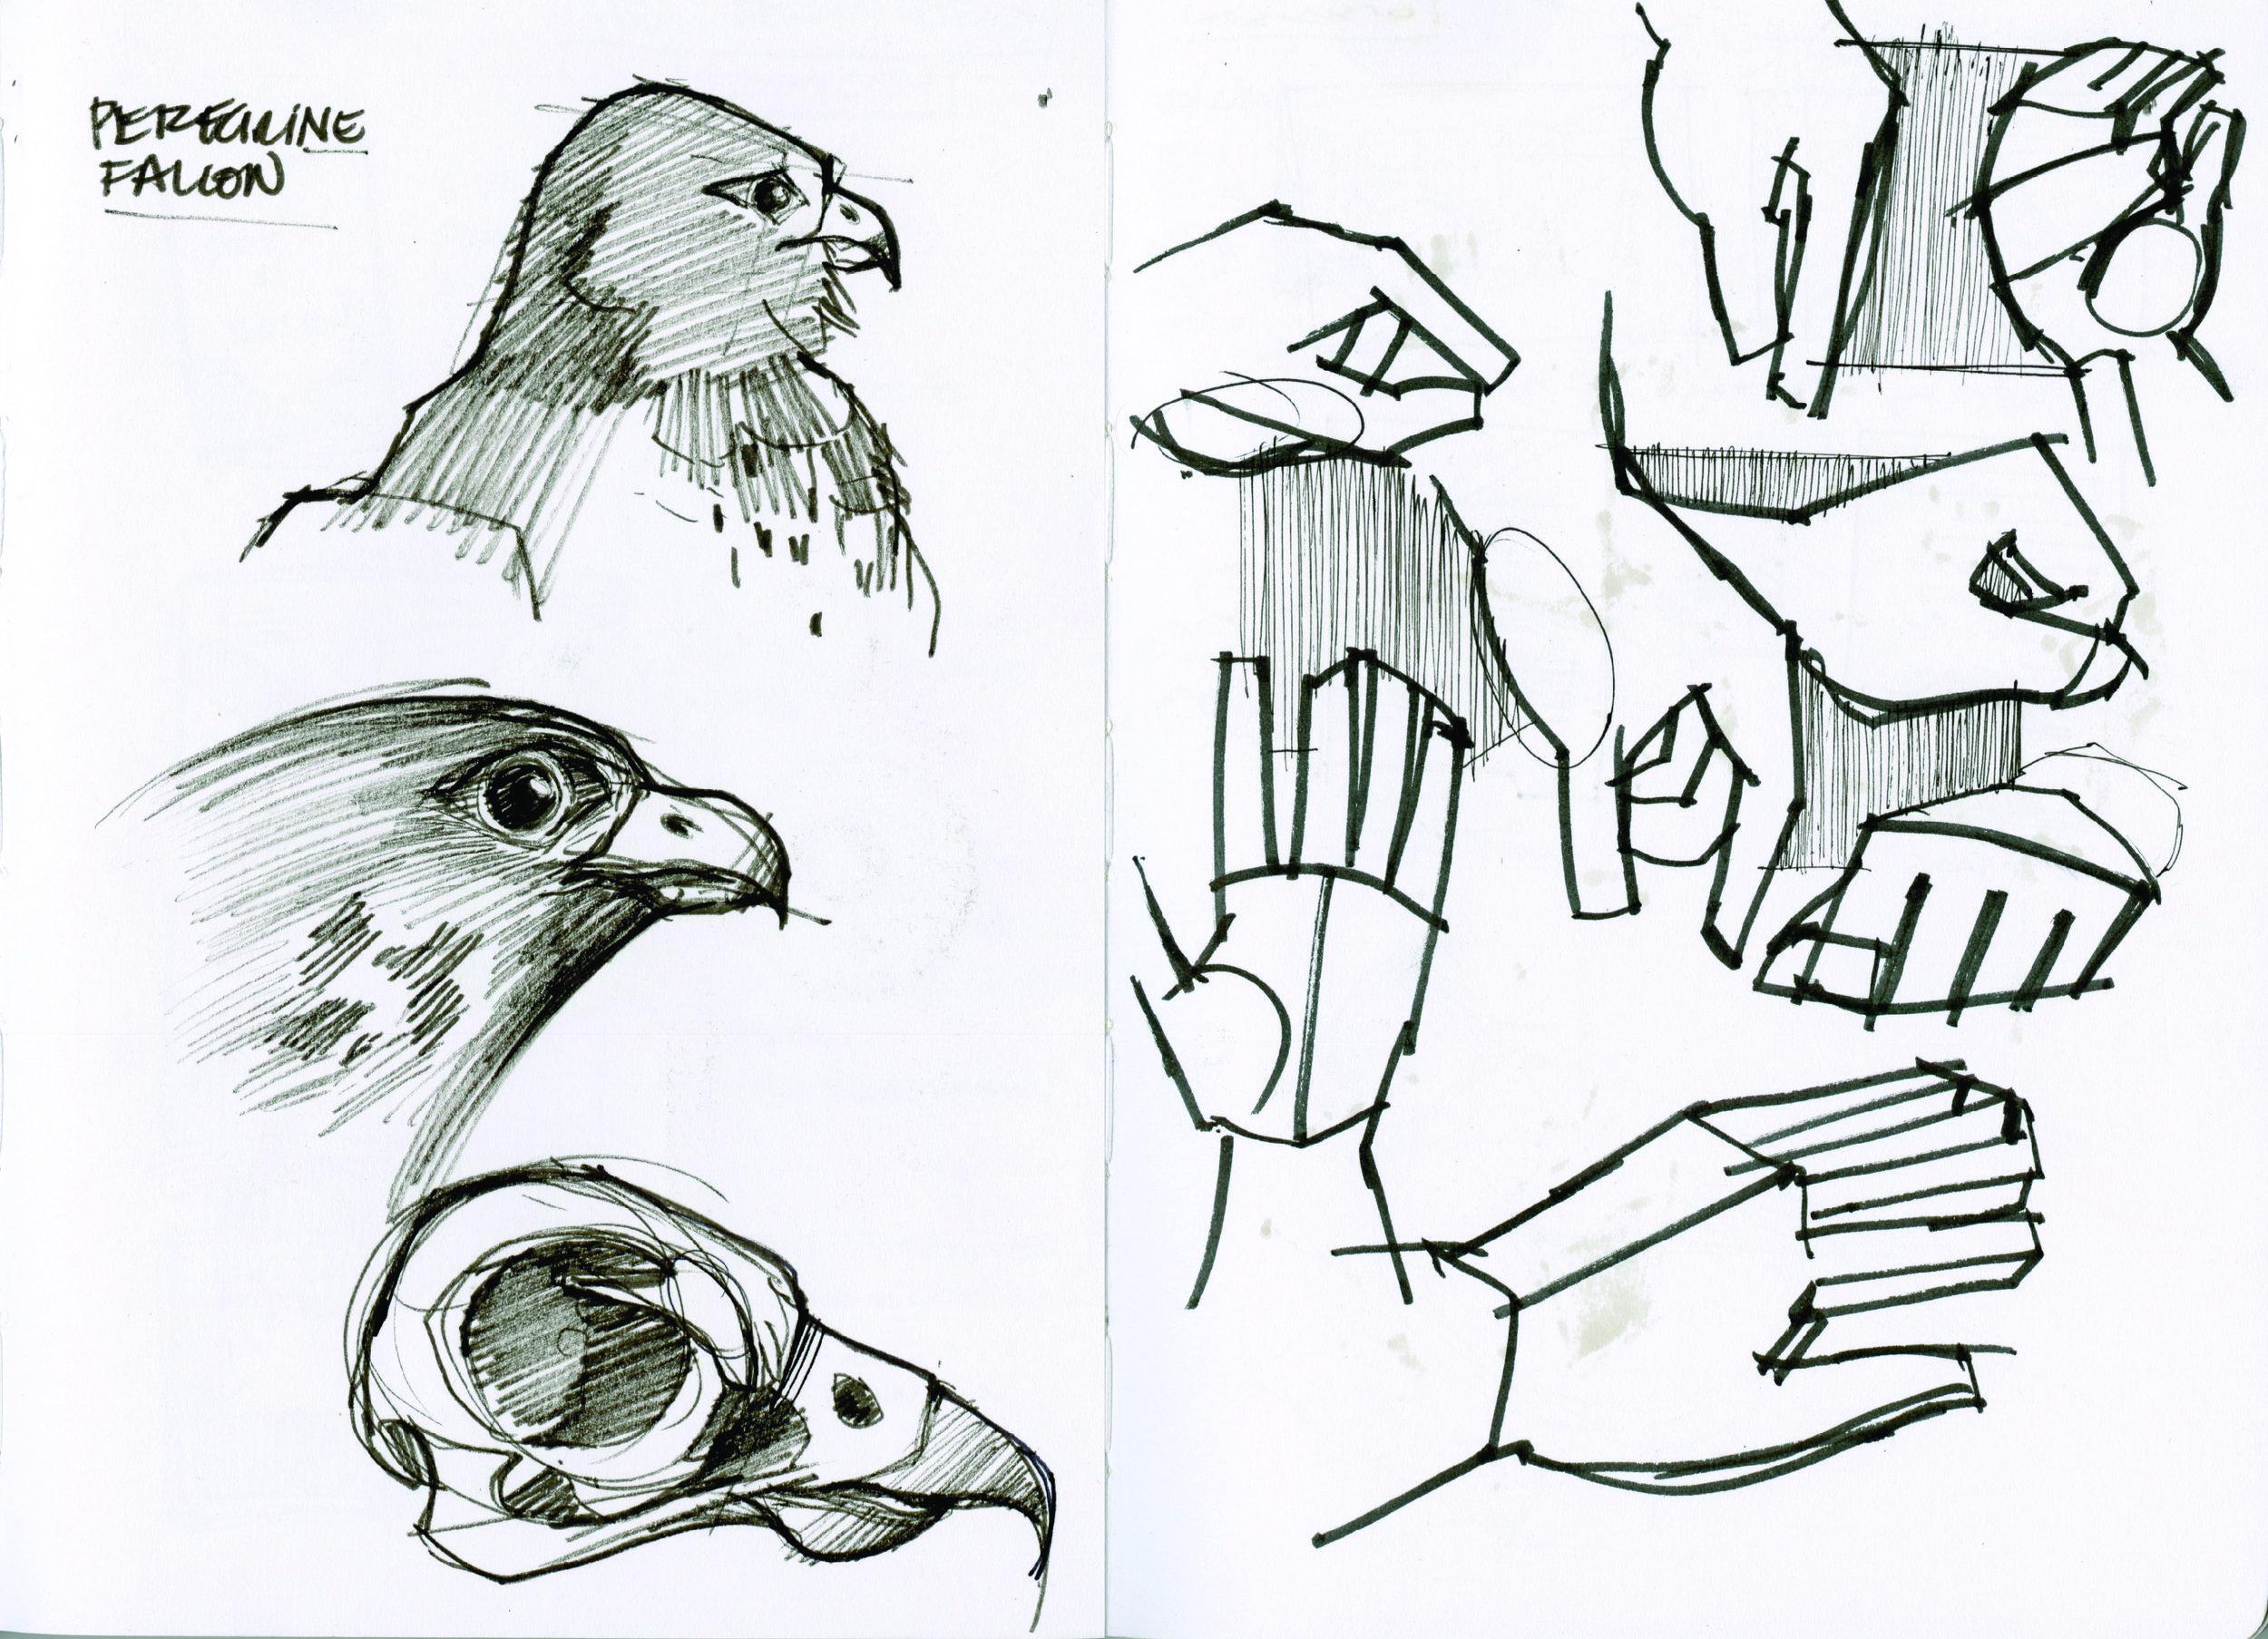 handstudy_falcon composite.jpg